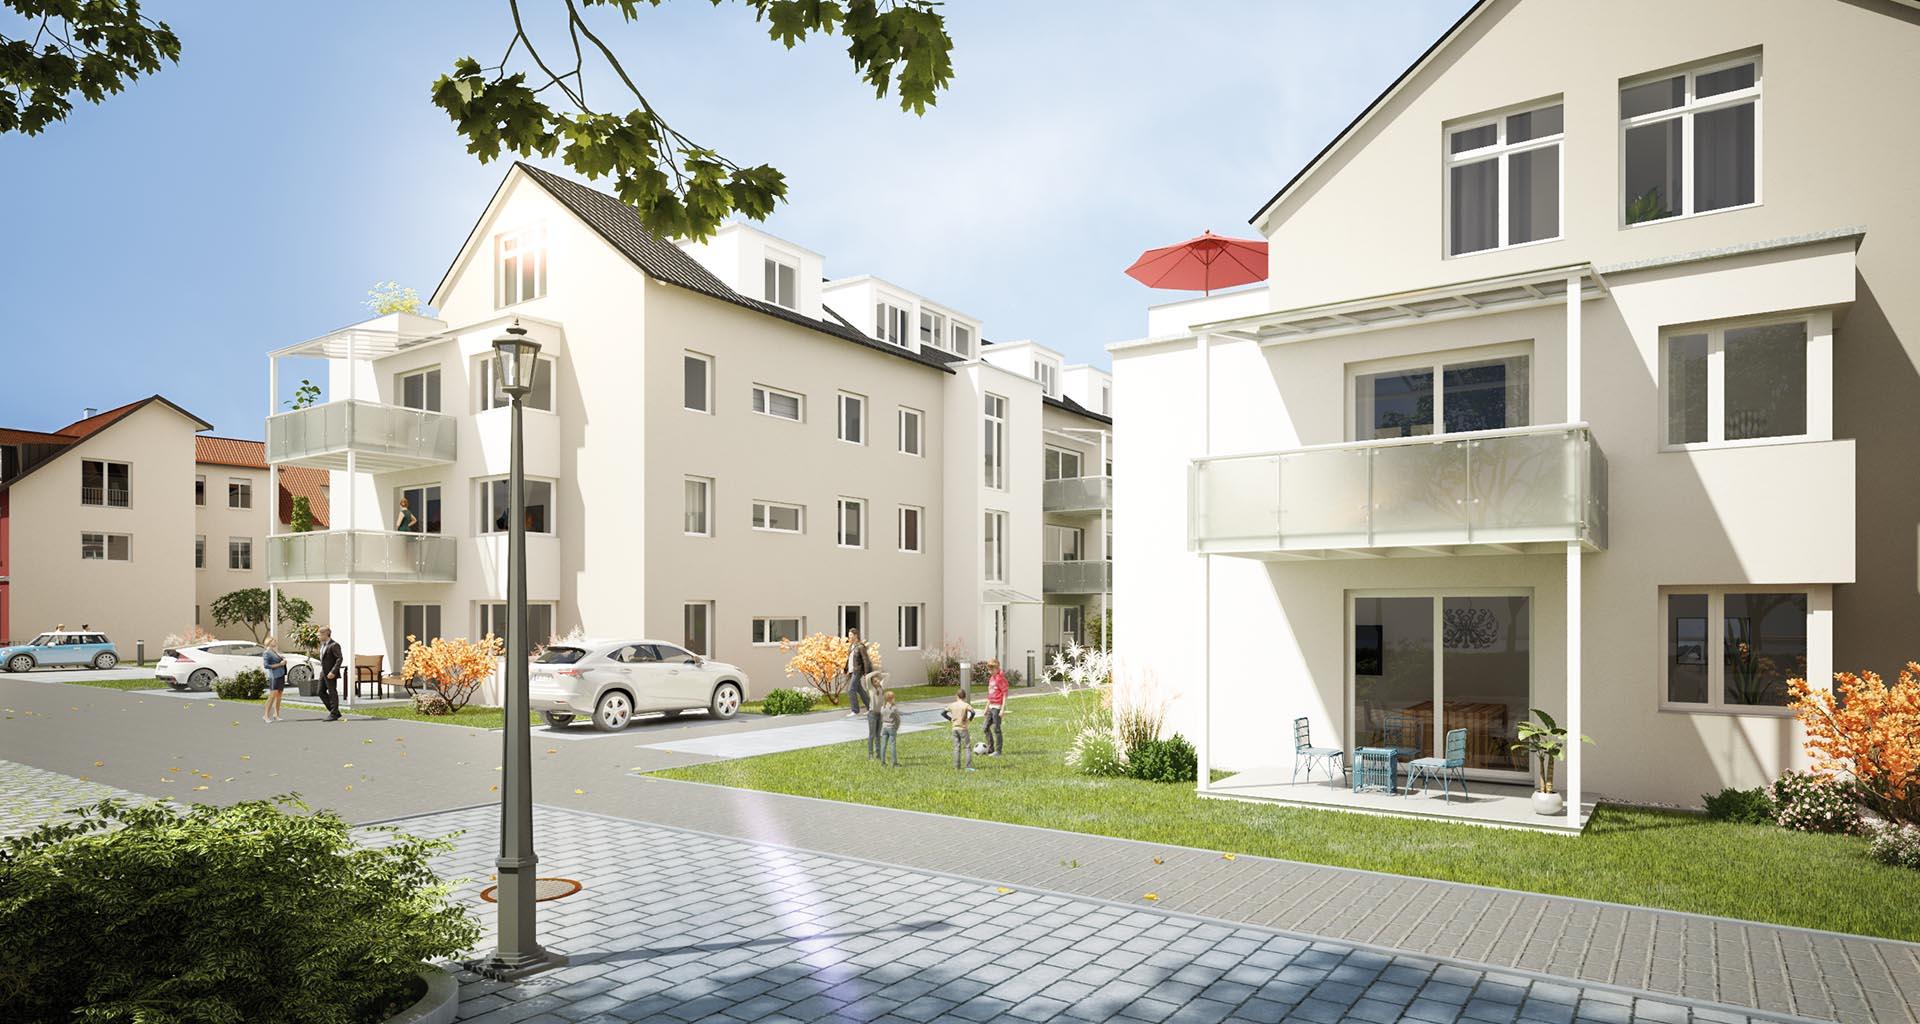 Raum Visionen - Wohnpark am Ochsen